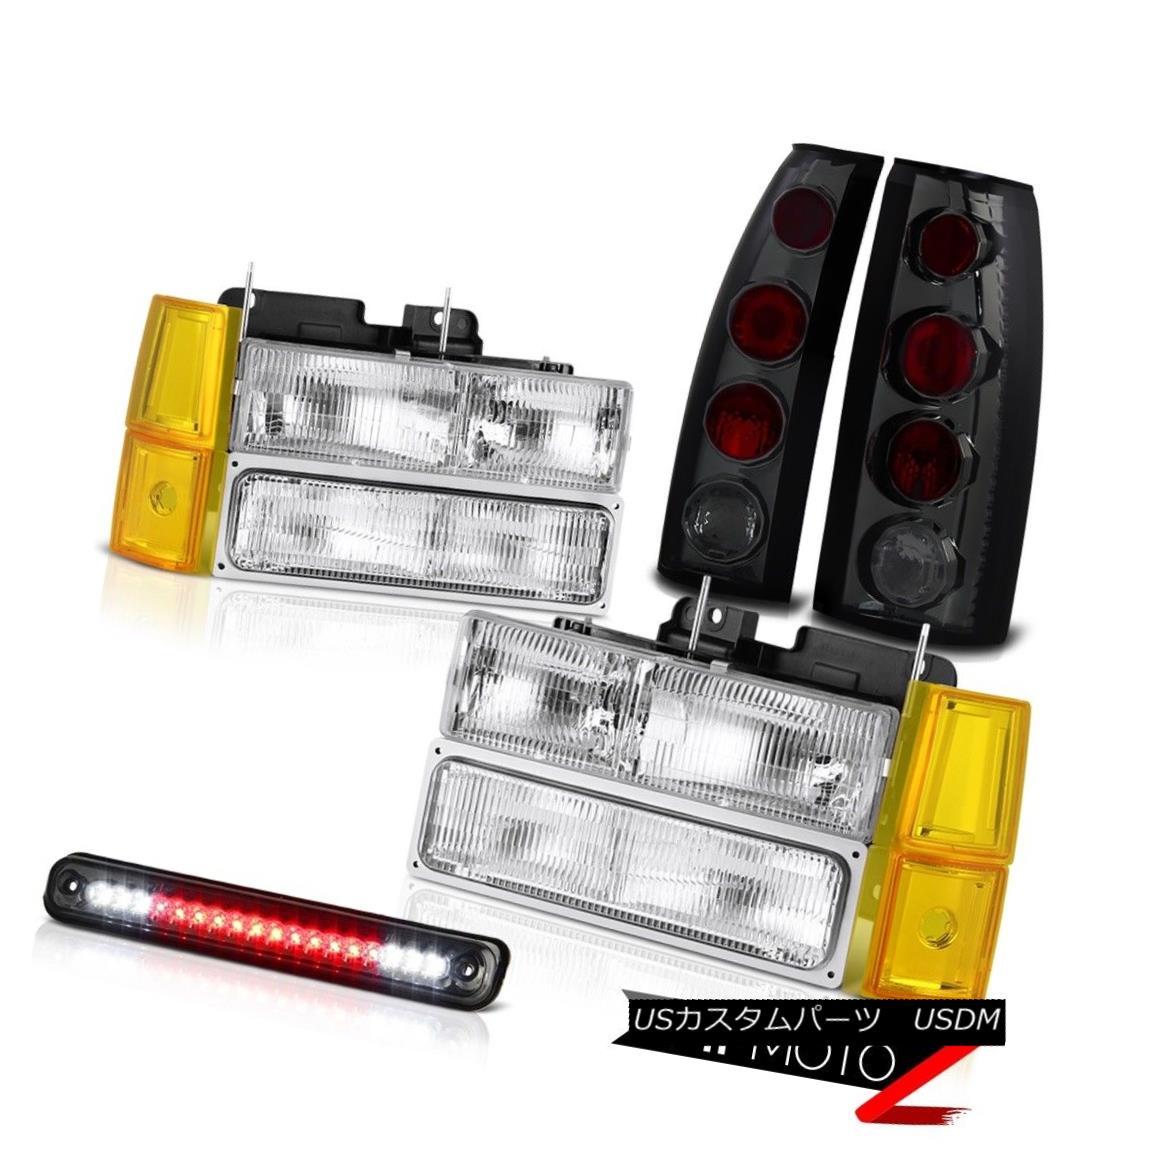 テールライト 1994-1998 GMC C3500 Headlights Bumper Dark Smoke Roof Cab Lamp Tail Lights LED 1994-1998 GMC C3500ヘッドライトバンパーダークスモーク屋根キャブランプテールライトLED